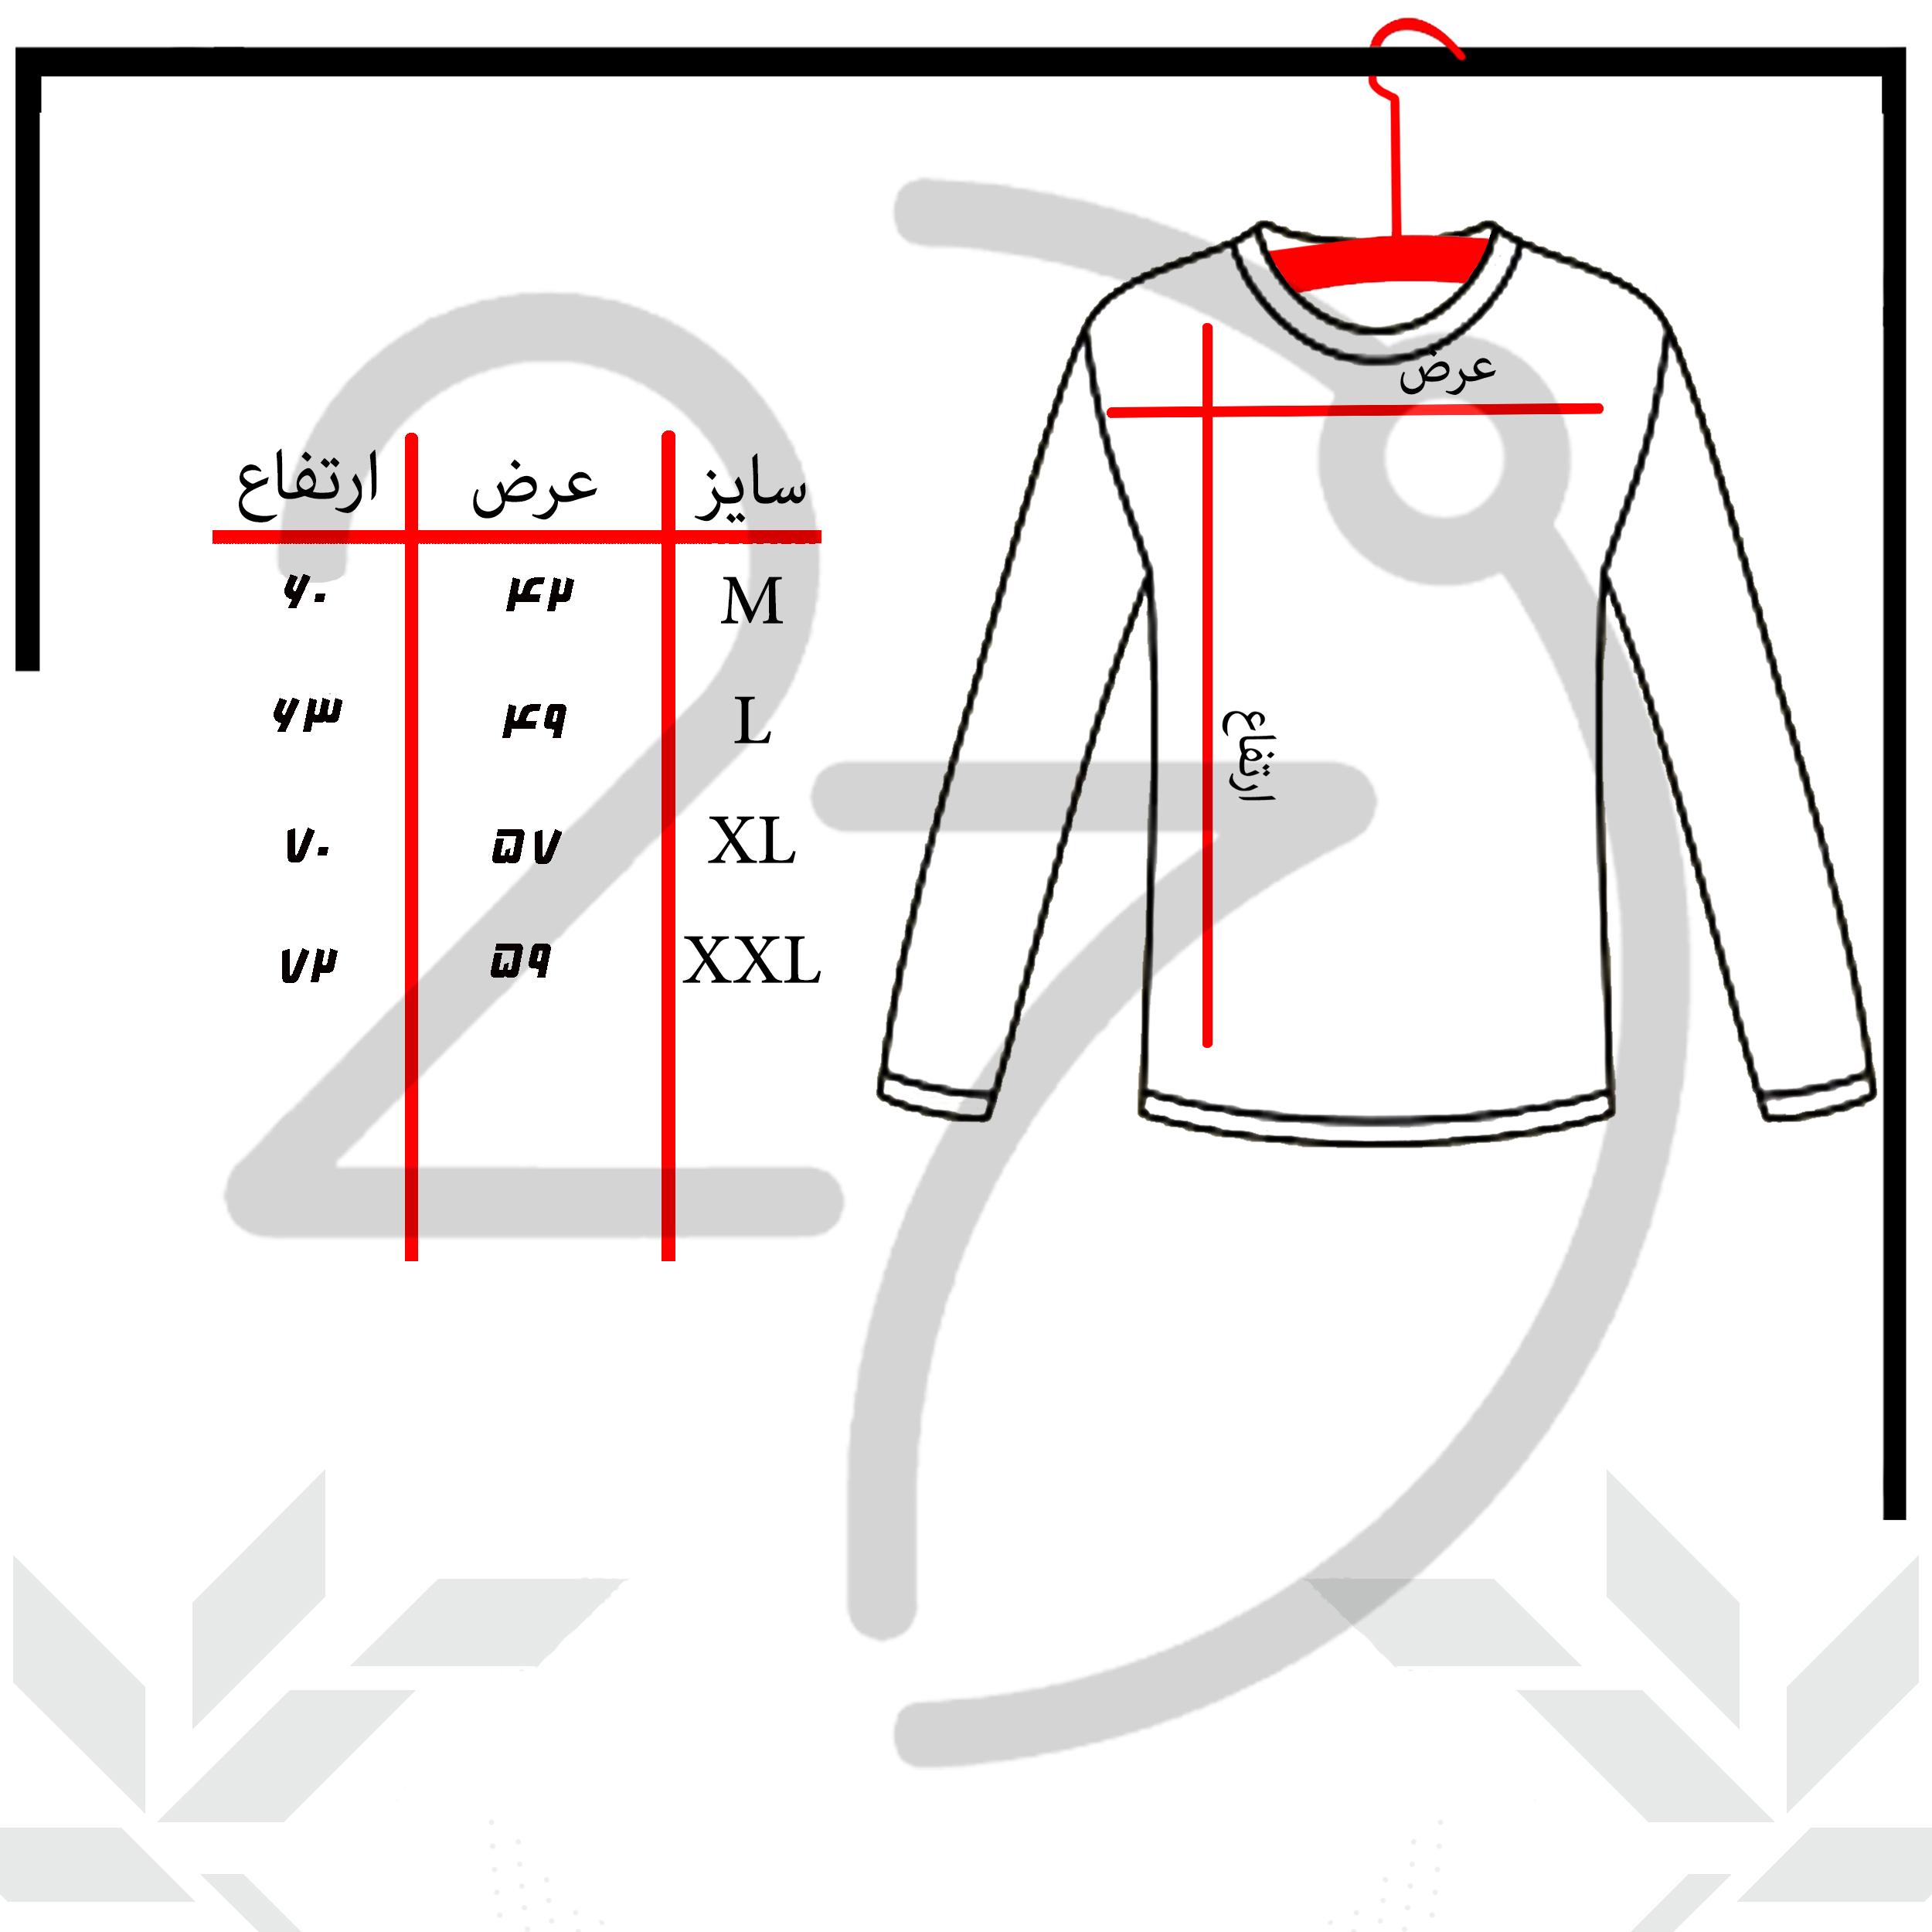 تی شرت آستین بلند زنانه 27 مدل پنگوئن کد B112